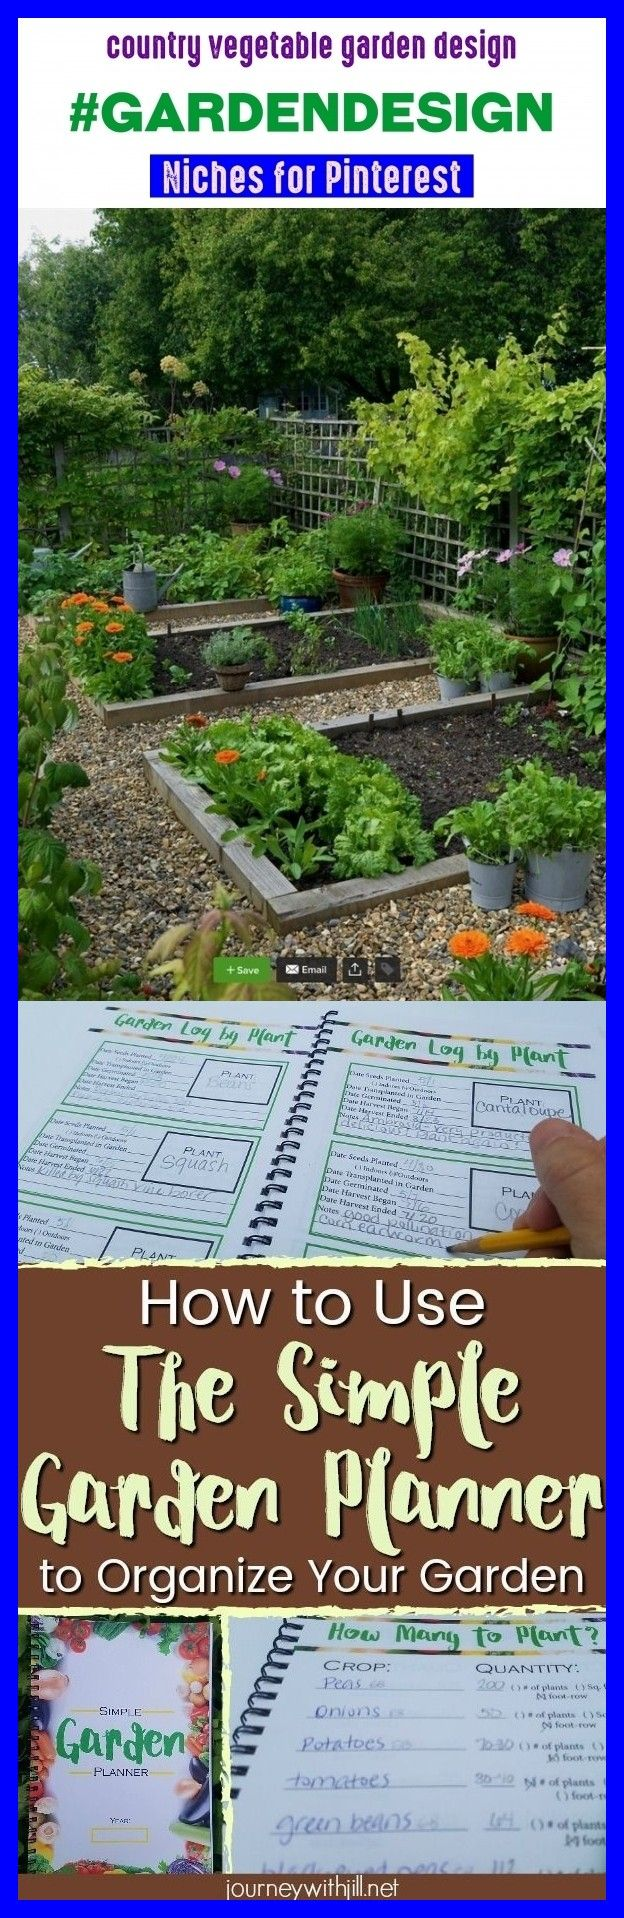 Country vegetable garden design #gardendesign # ...